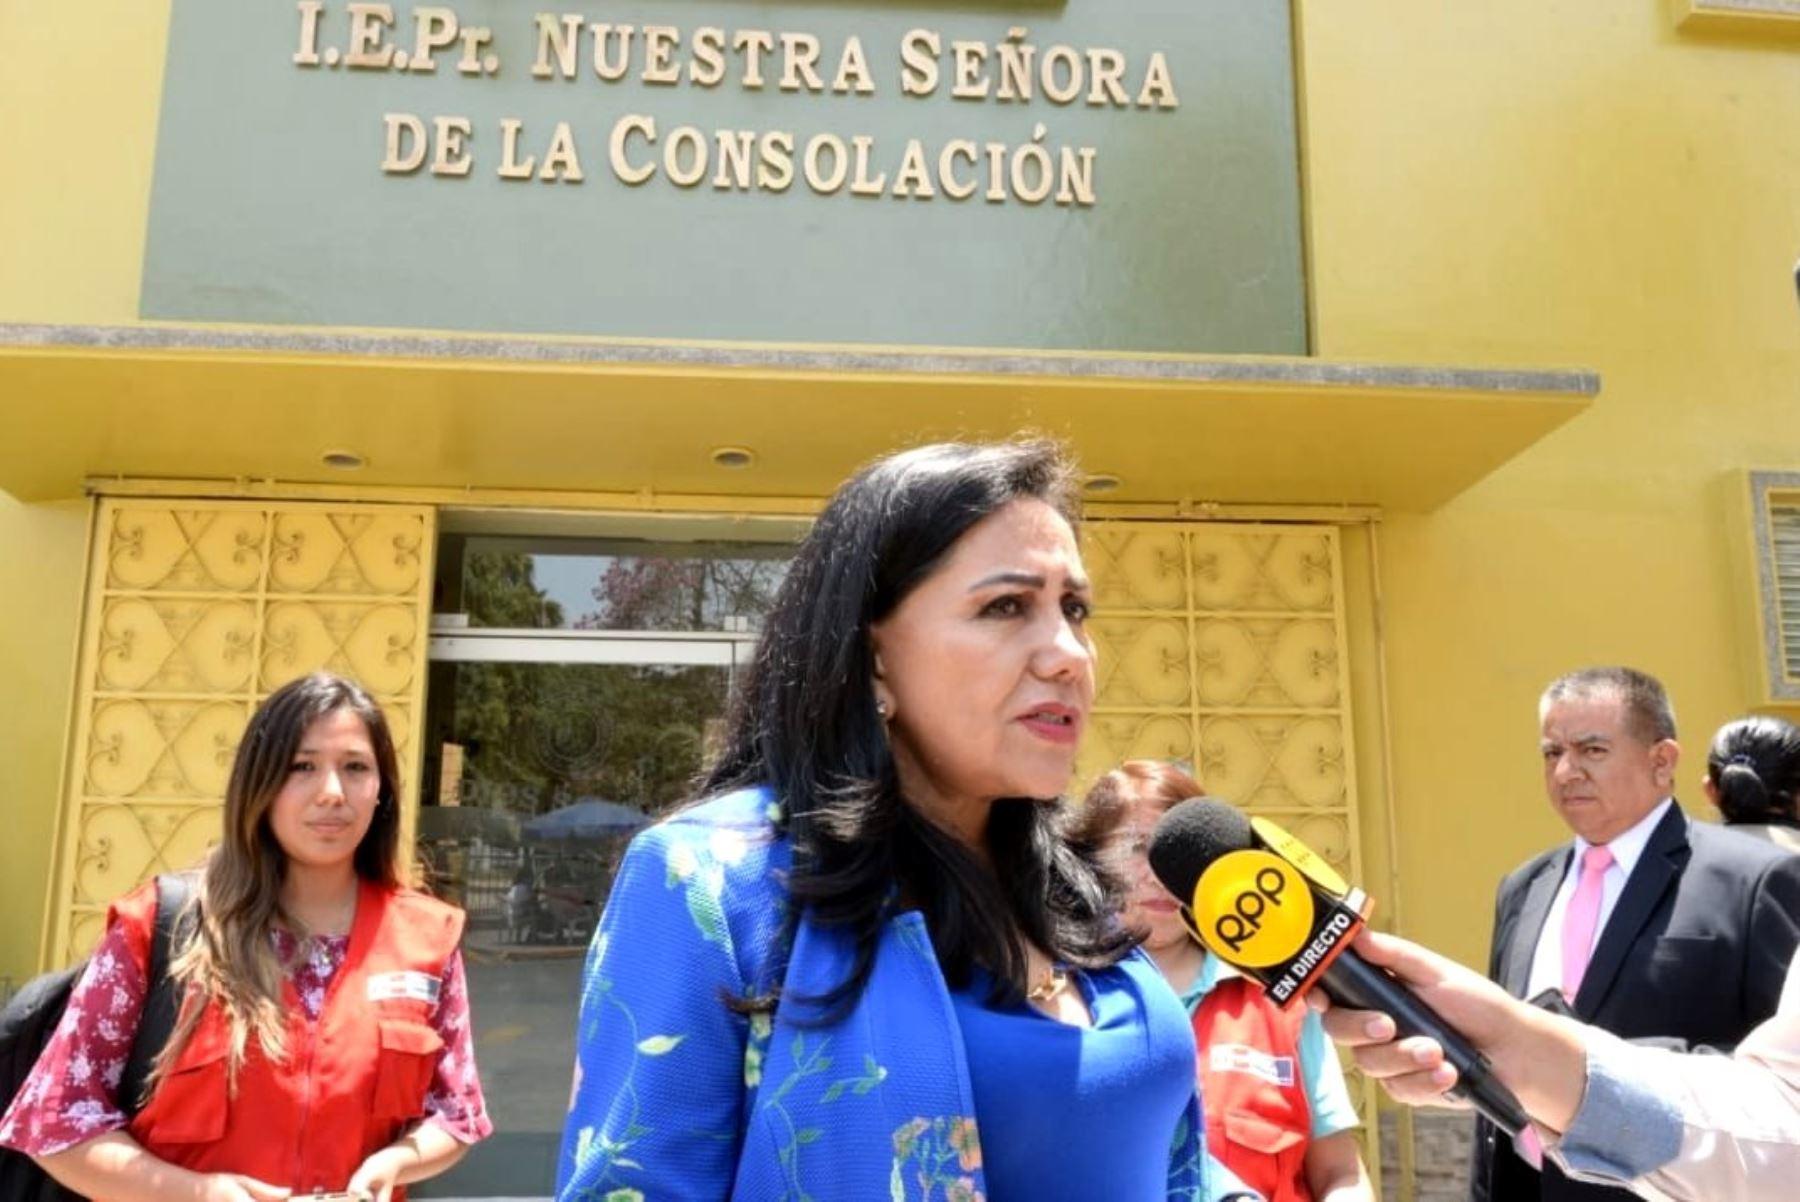 La ministra de la Mujer, Gloria Montenegro, visitó a la joven que denunció haber sido víctima de violación sexual en su colegio cuando era escolar. Foto: ANDINA/Difusión.